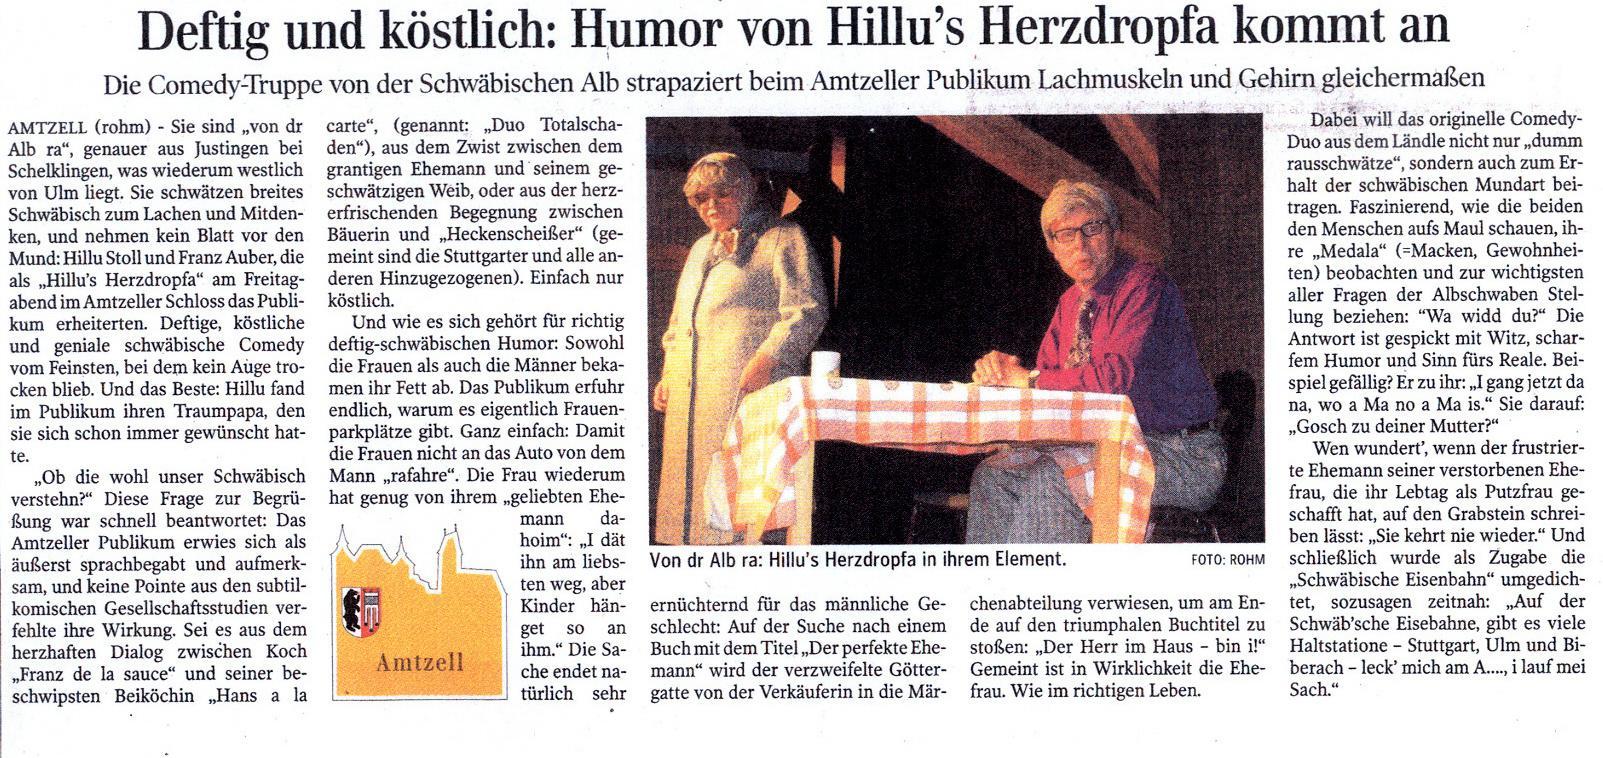 presse & veranstaltungen - hillus herzdropfa